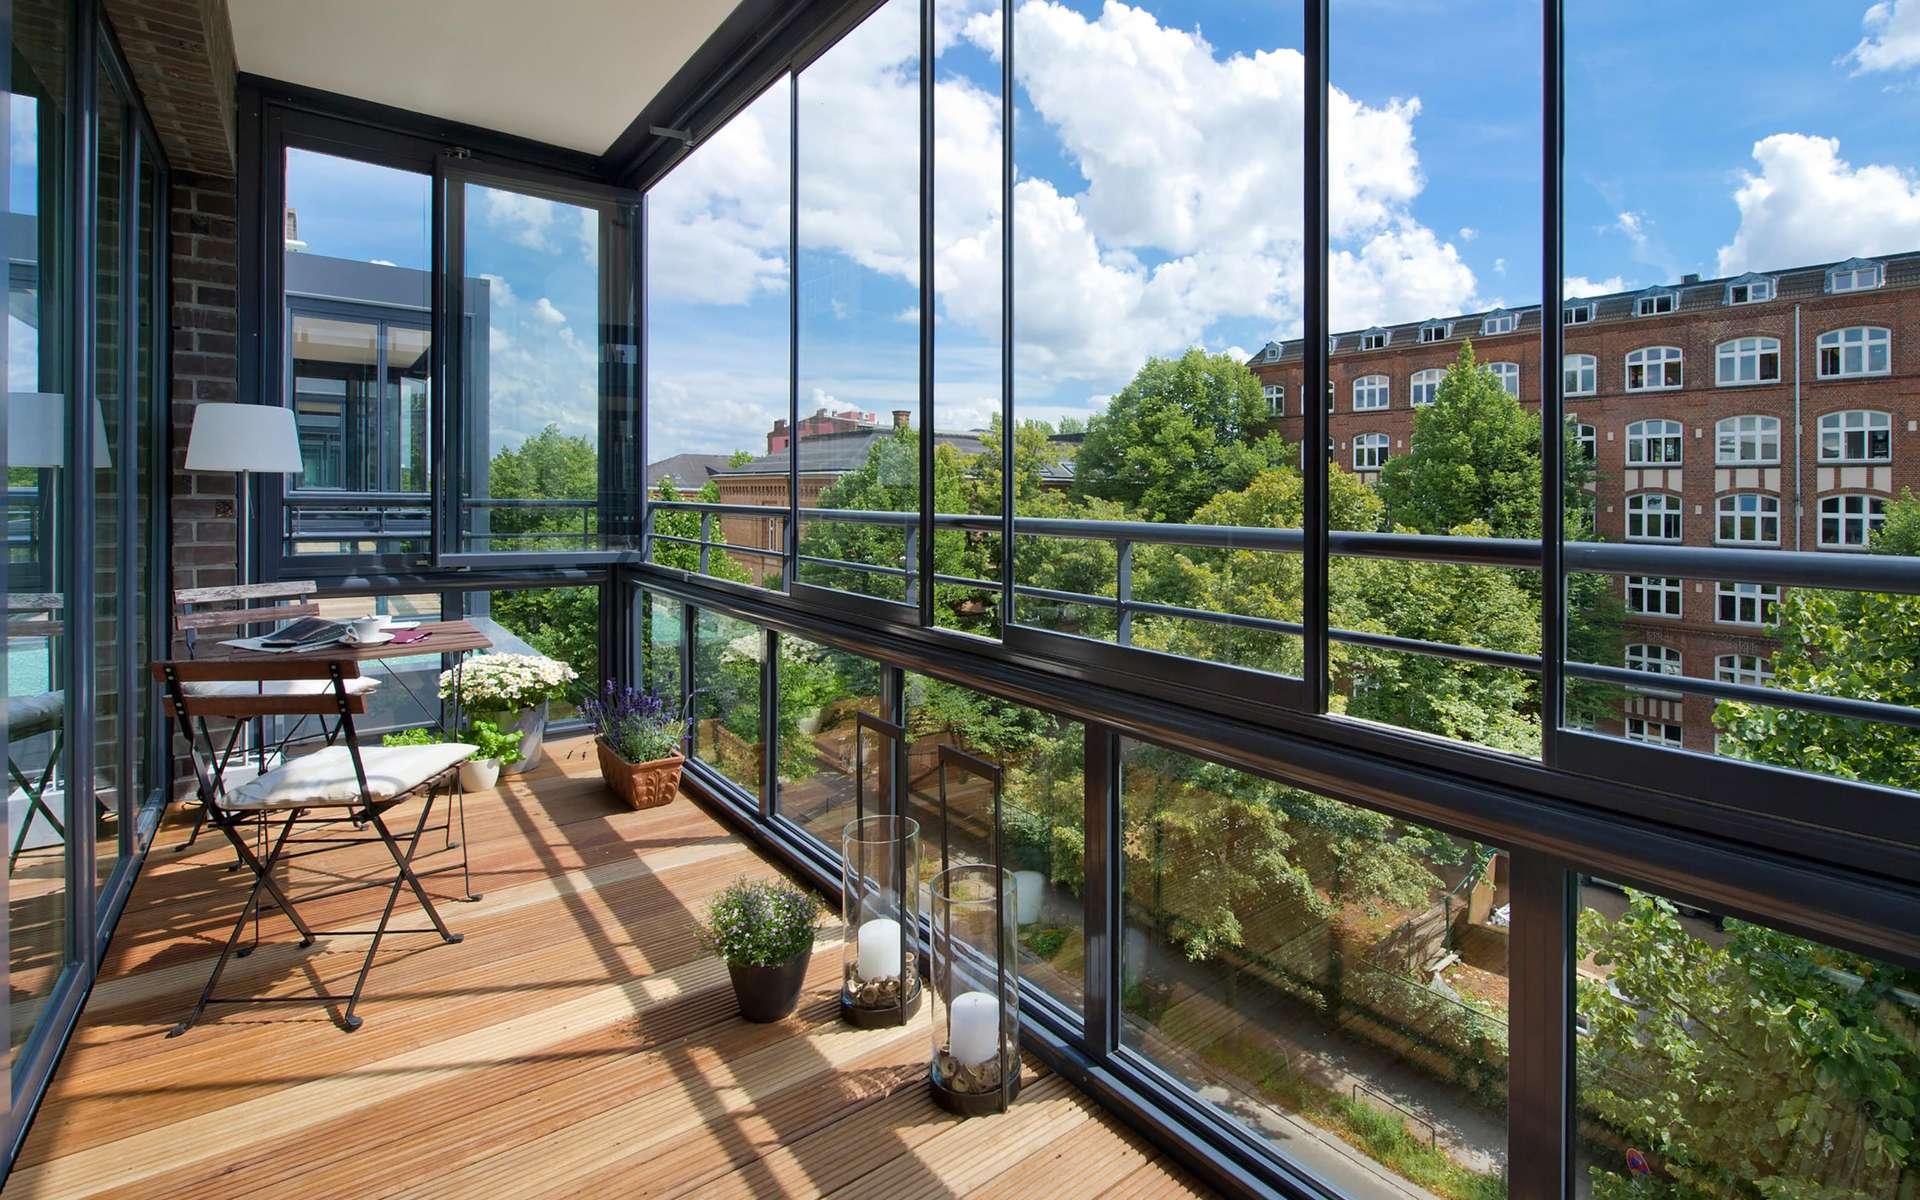 Une loggia est une pièce de l'habitation qui ne comporte que des baies vitrées. © Ludmila, Adobe Stock